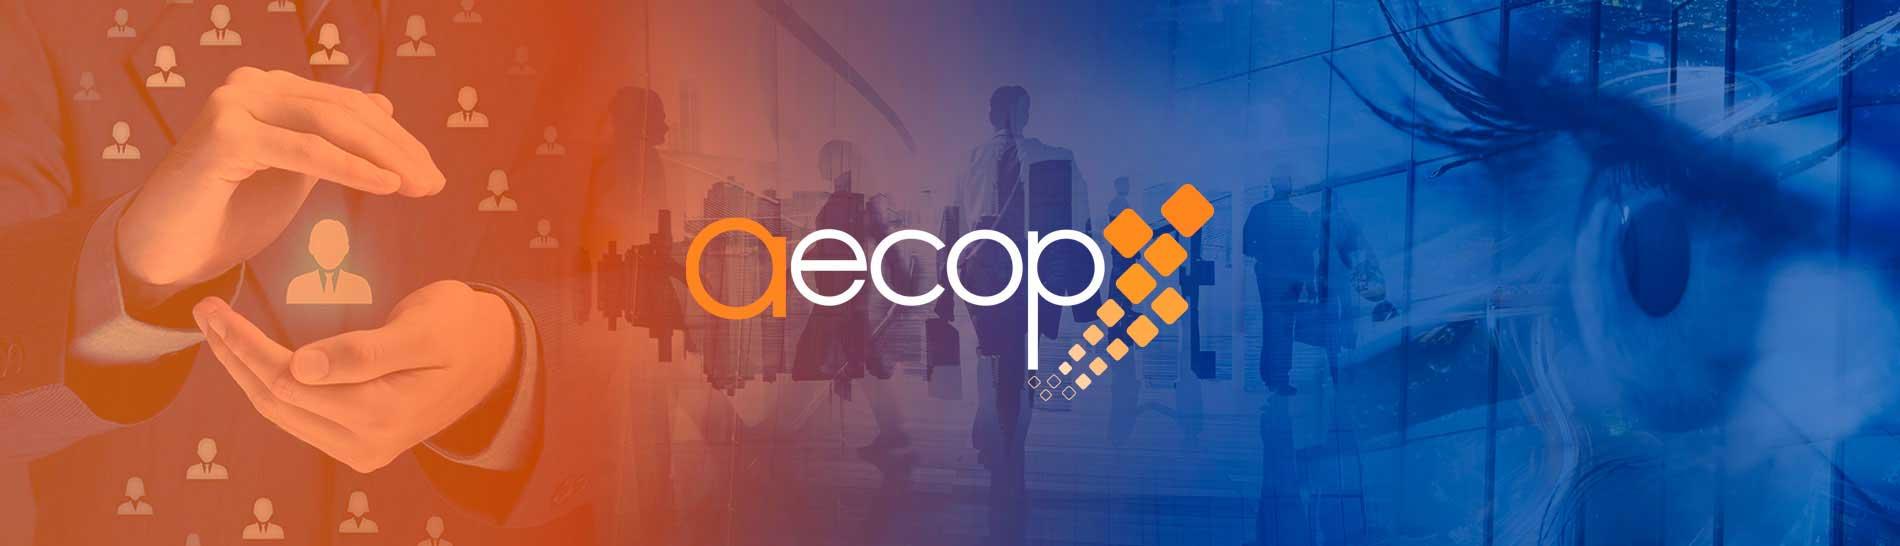 AECOP Asociación de Coaching Ejecutivo y Organizativo